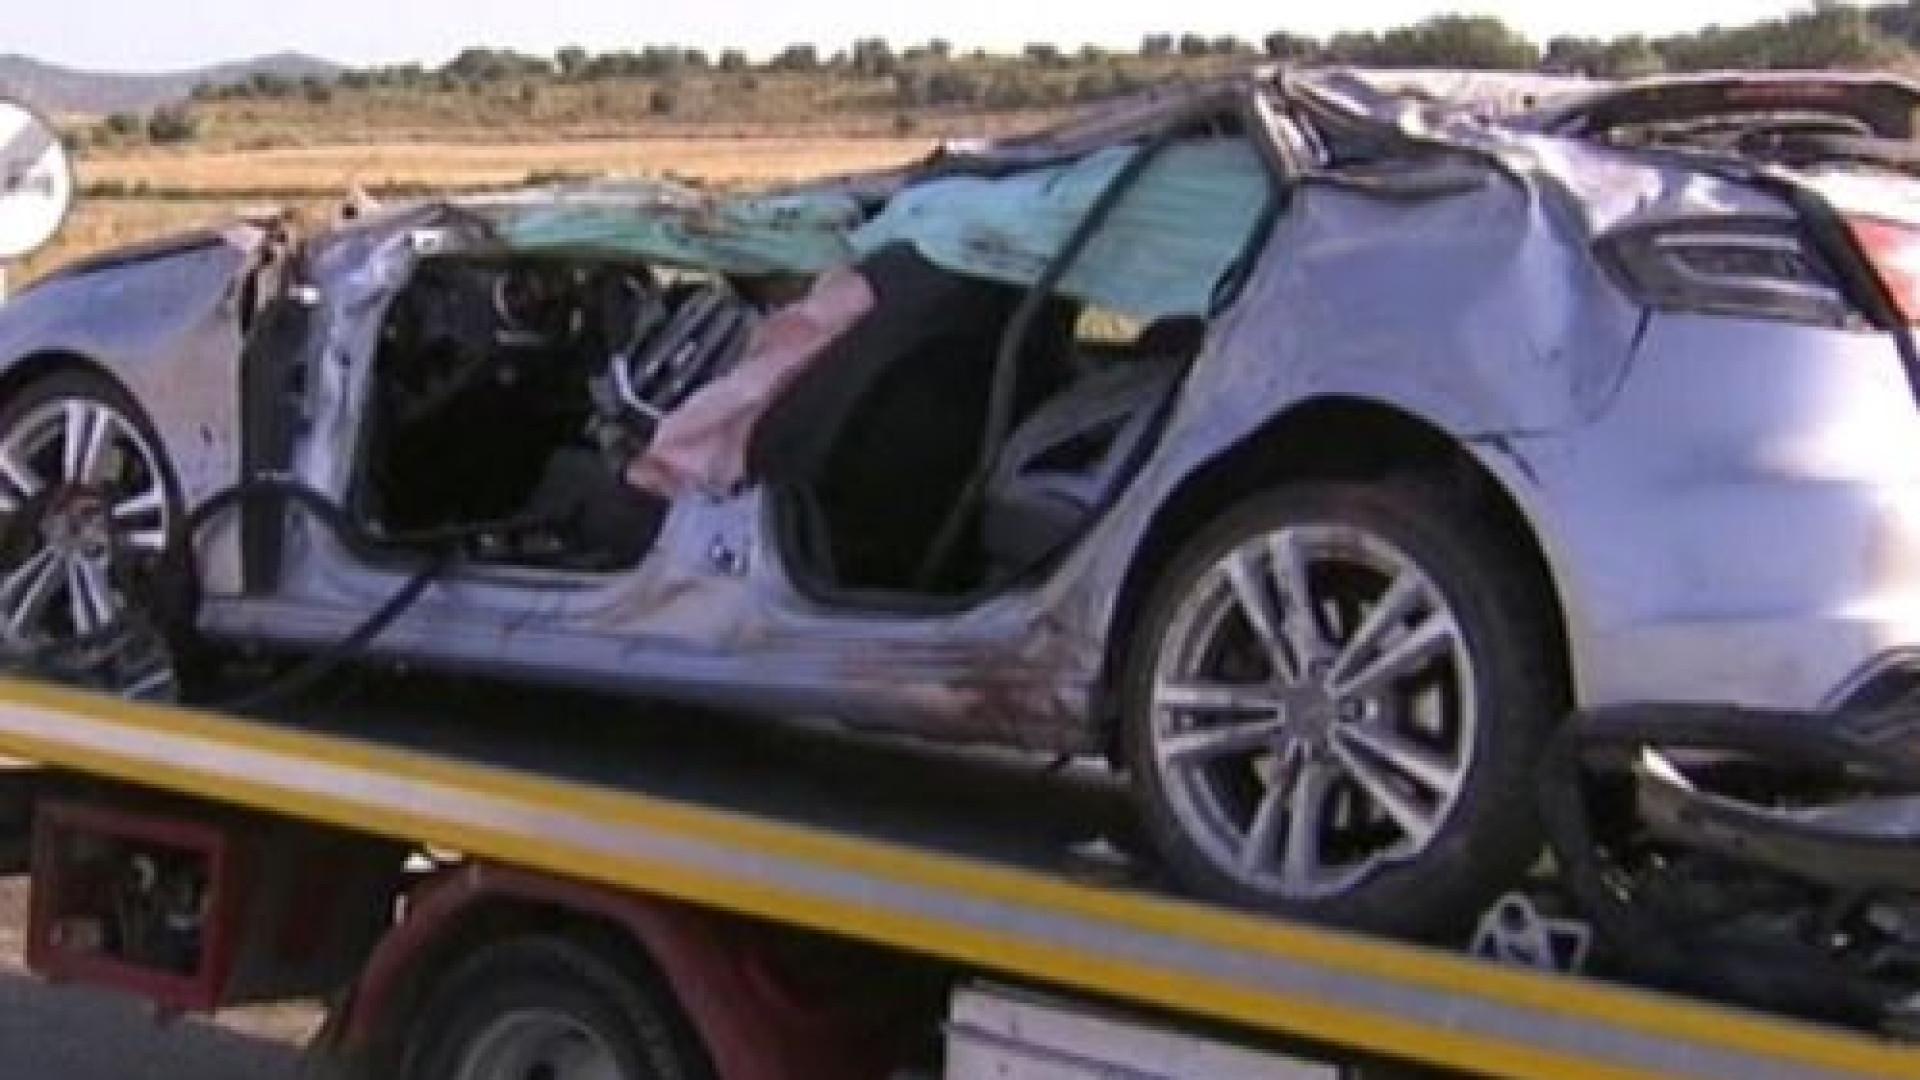 Acidente em Espanha: Três jovens morrem e dois ficam feridos